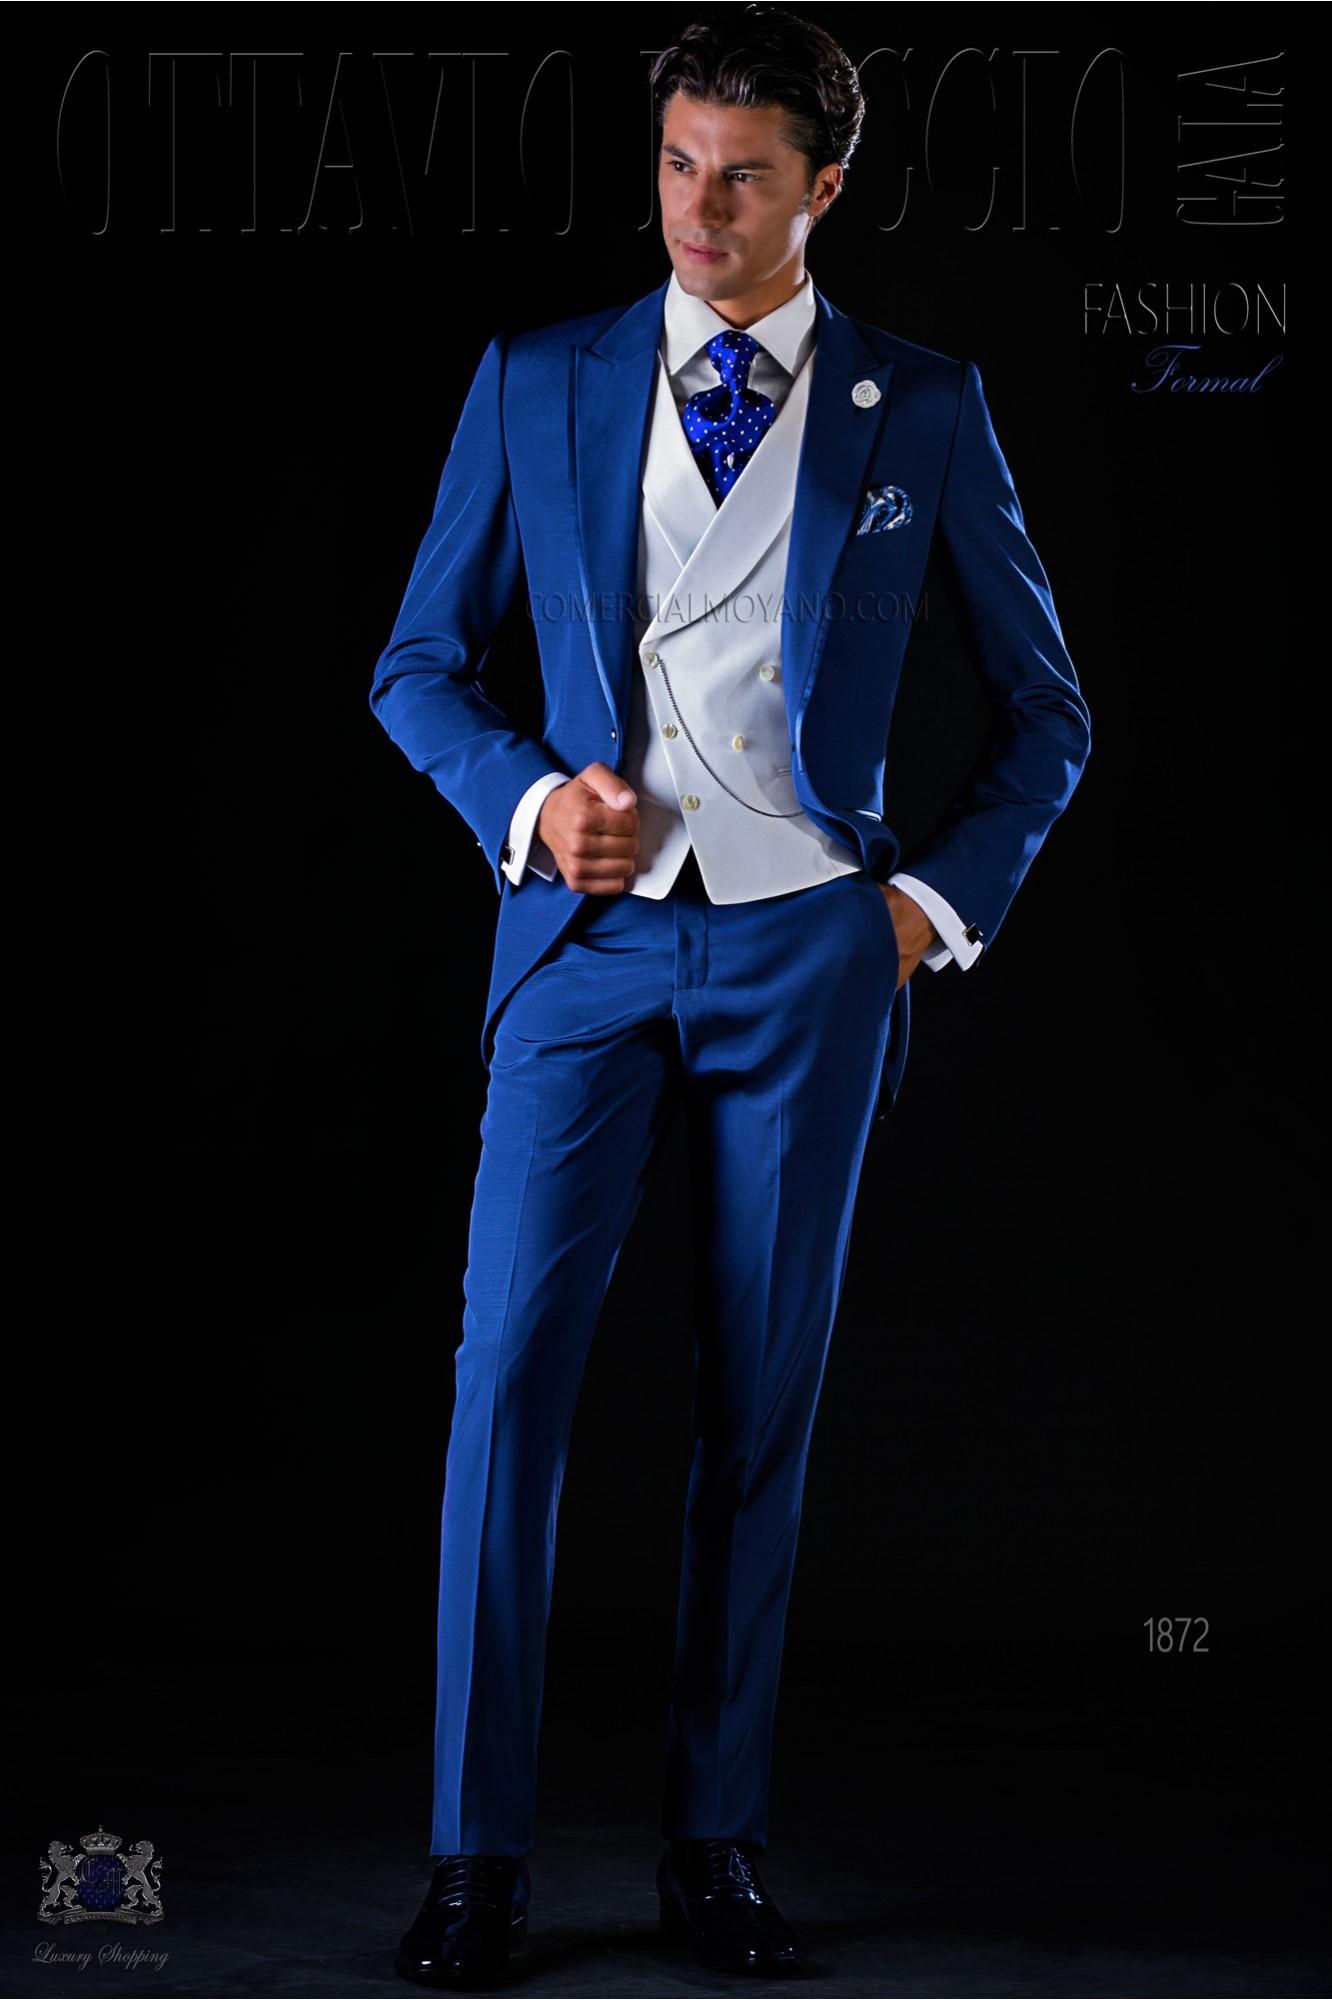 Traje de novio semilevita azul eléctrico modelo: 1872 Ottavio Nuccio Gala colección Fashion